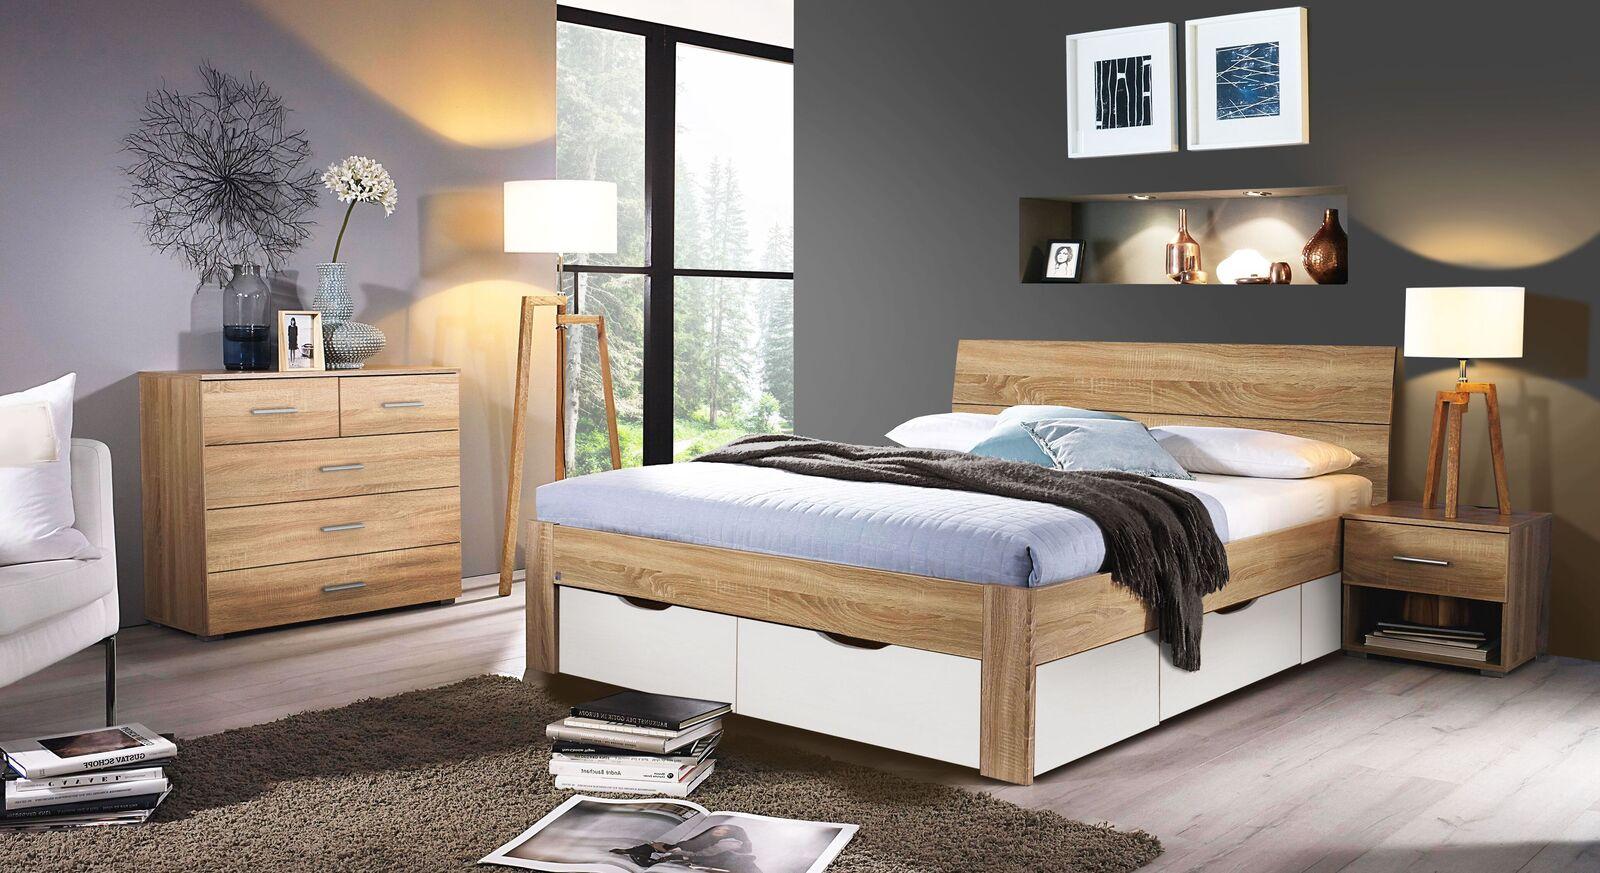 Schubkastenbett Oliana mit passenden Schlafzimmermöbeln